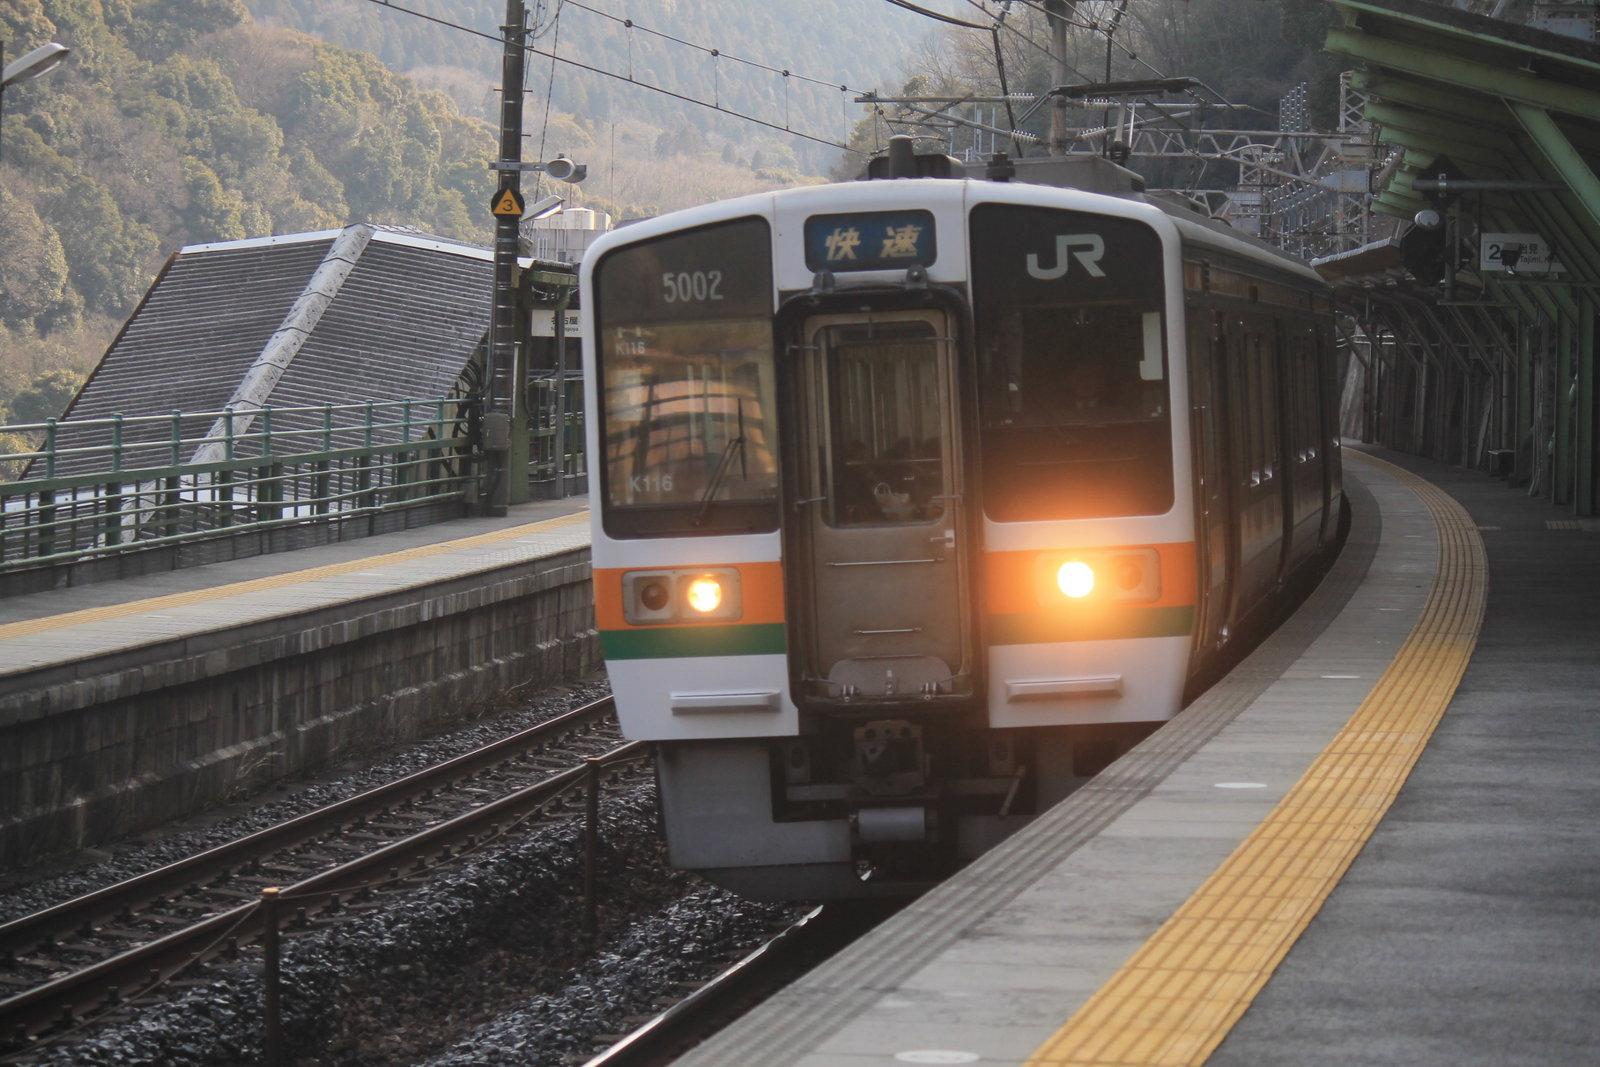 http://livedoor.blogimg.jp/joiino/imgs/e/6/e6792377.jpg